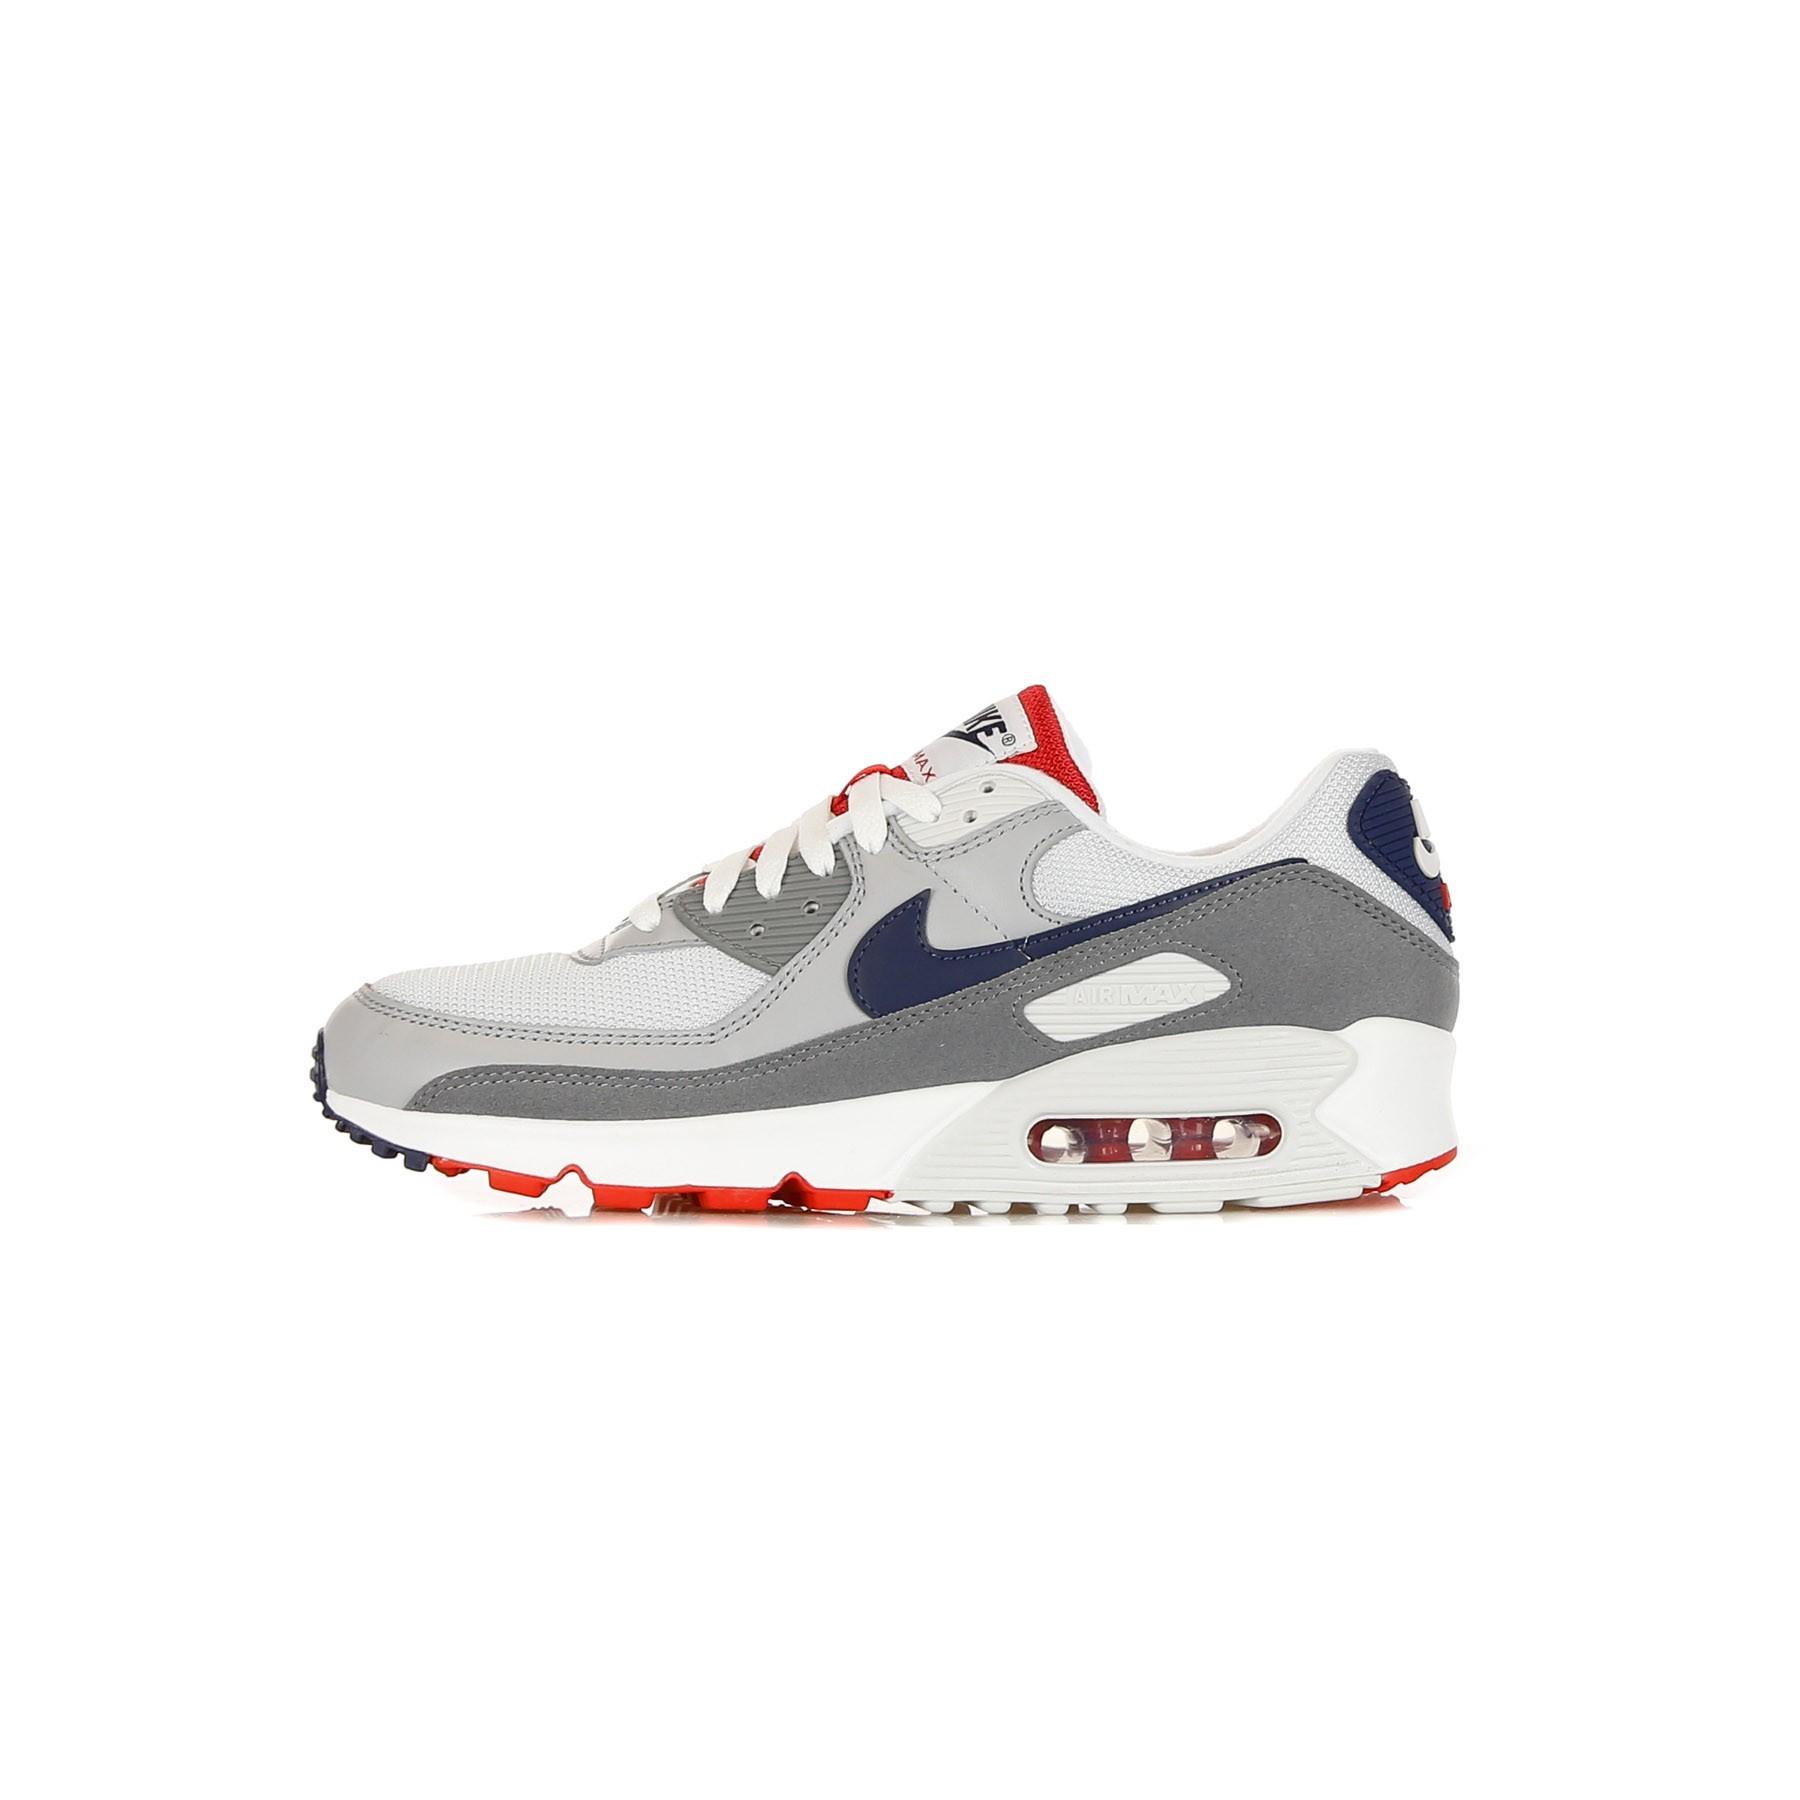 Nike Scarpa bassa uomo air max 90 CZ1846-001 | Atipicishop.com